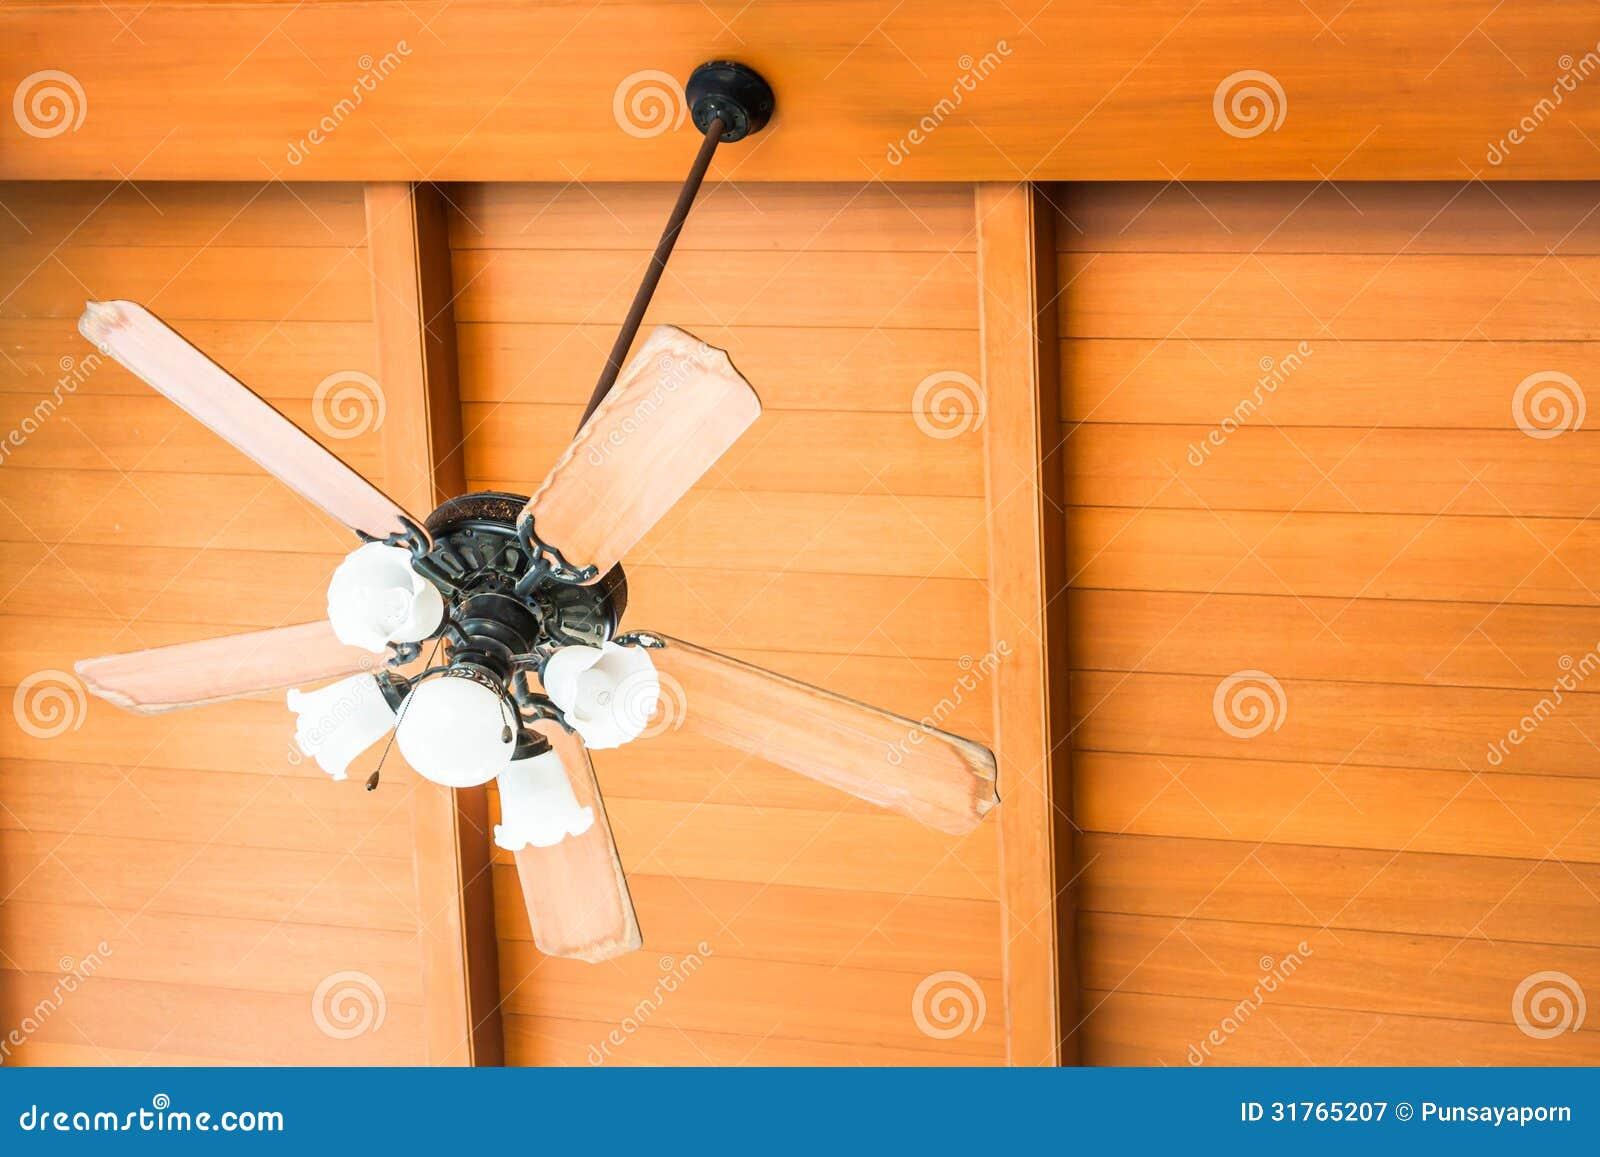 Beautiful Hanging Ceiling Fan